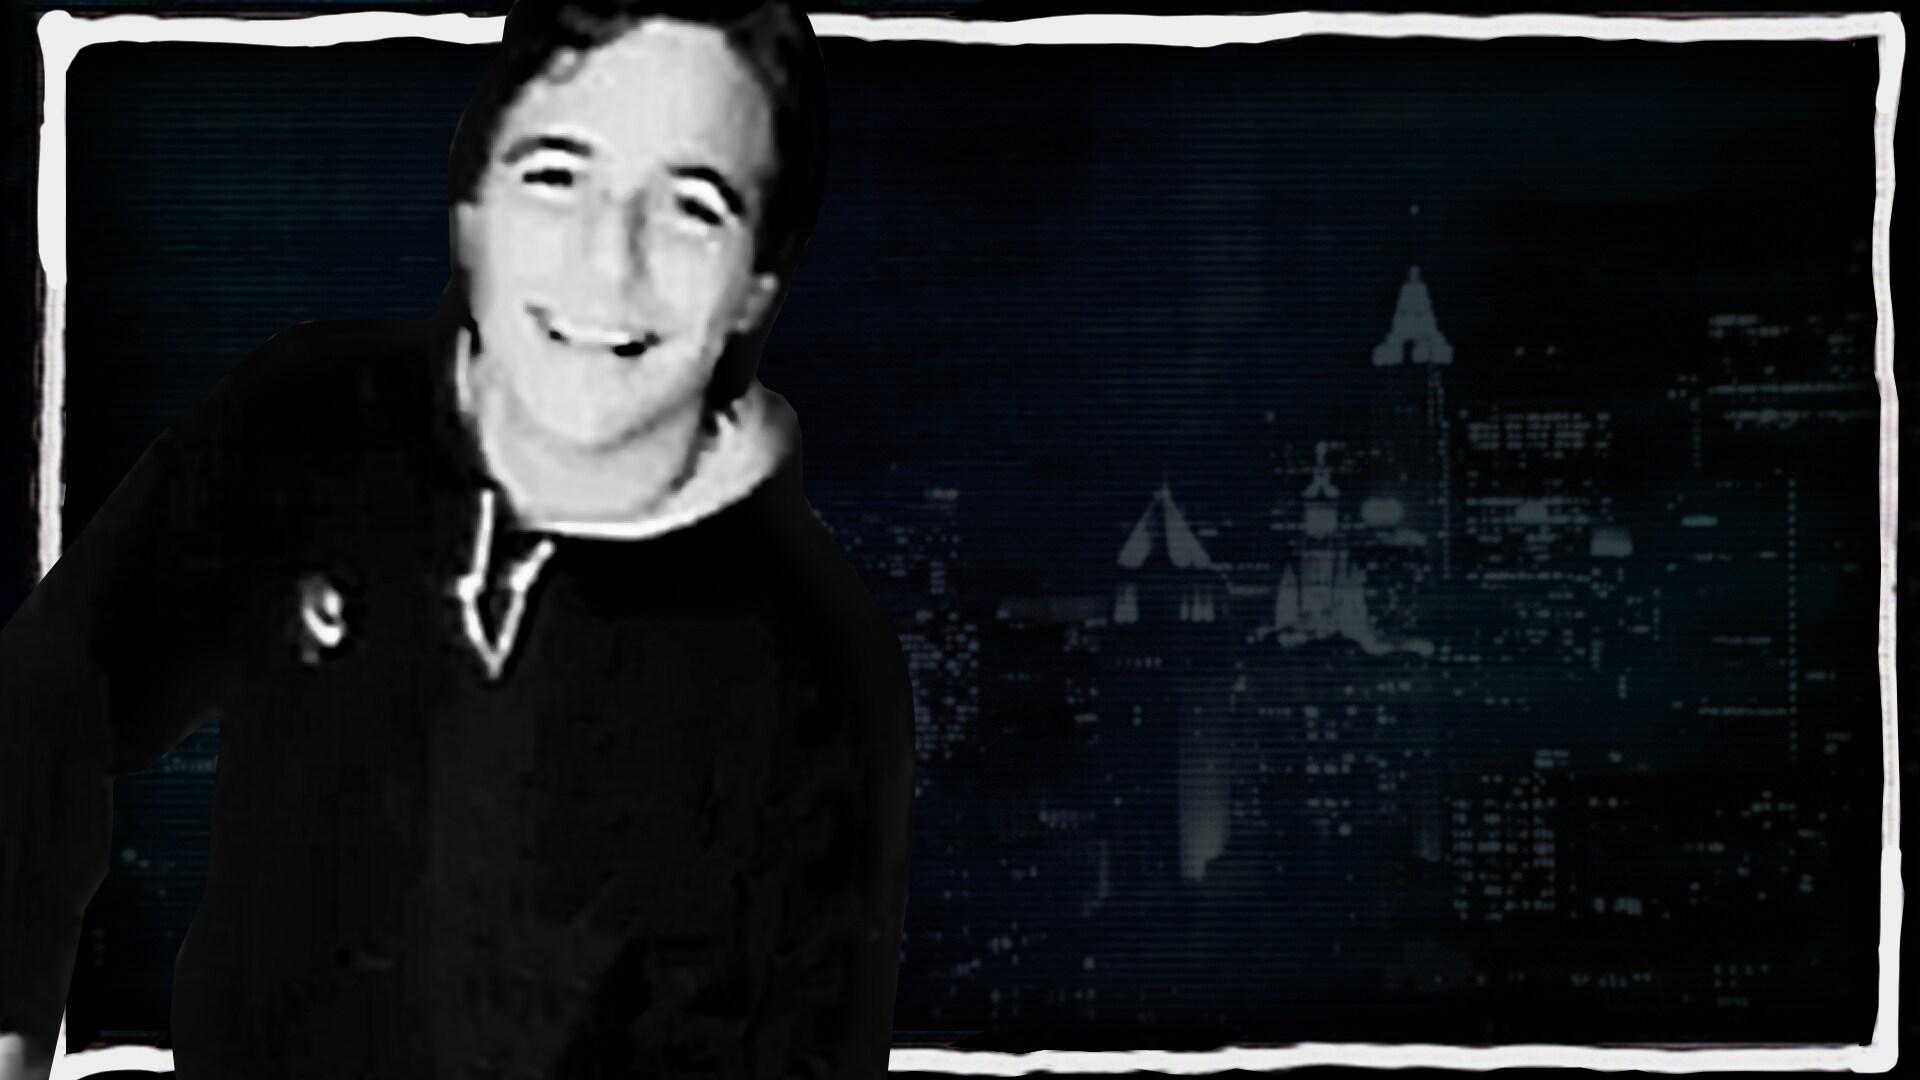 Tony Danza: January 28, 1989